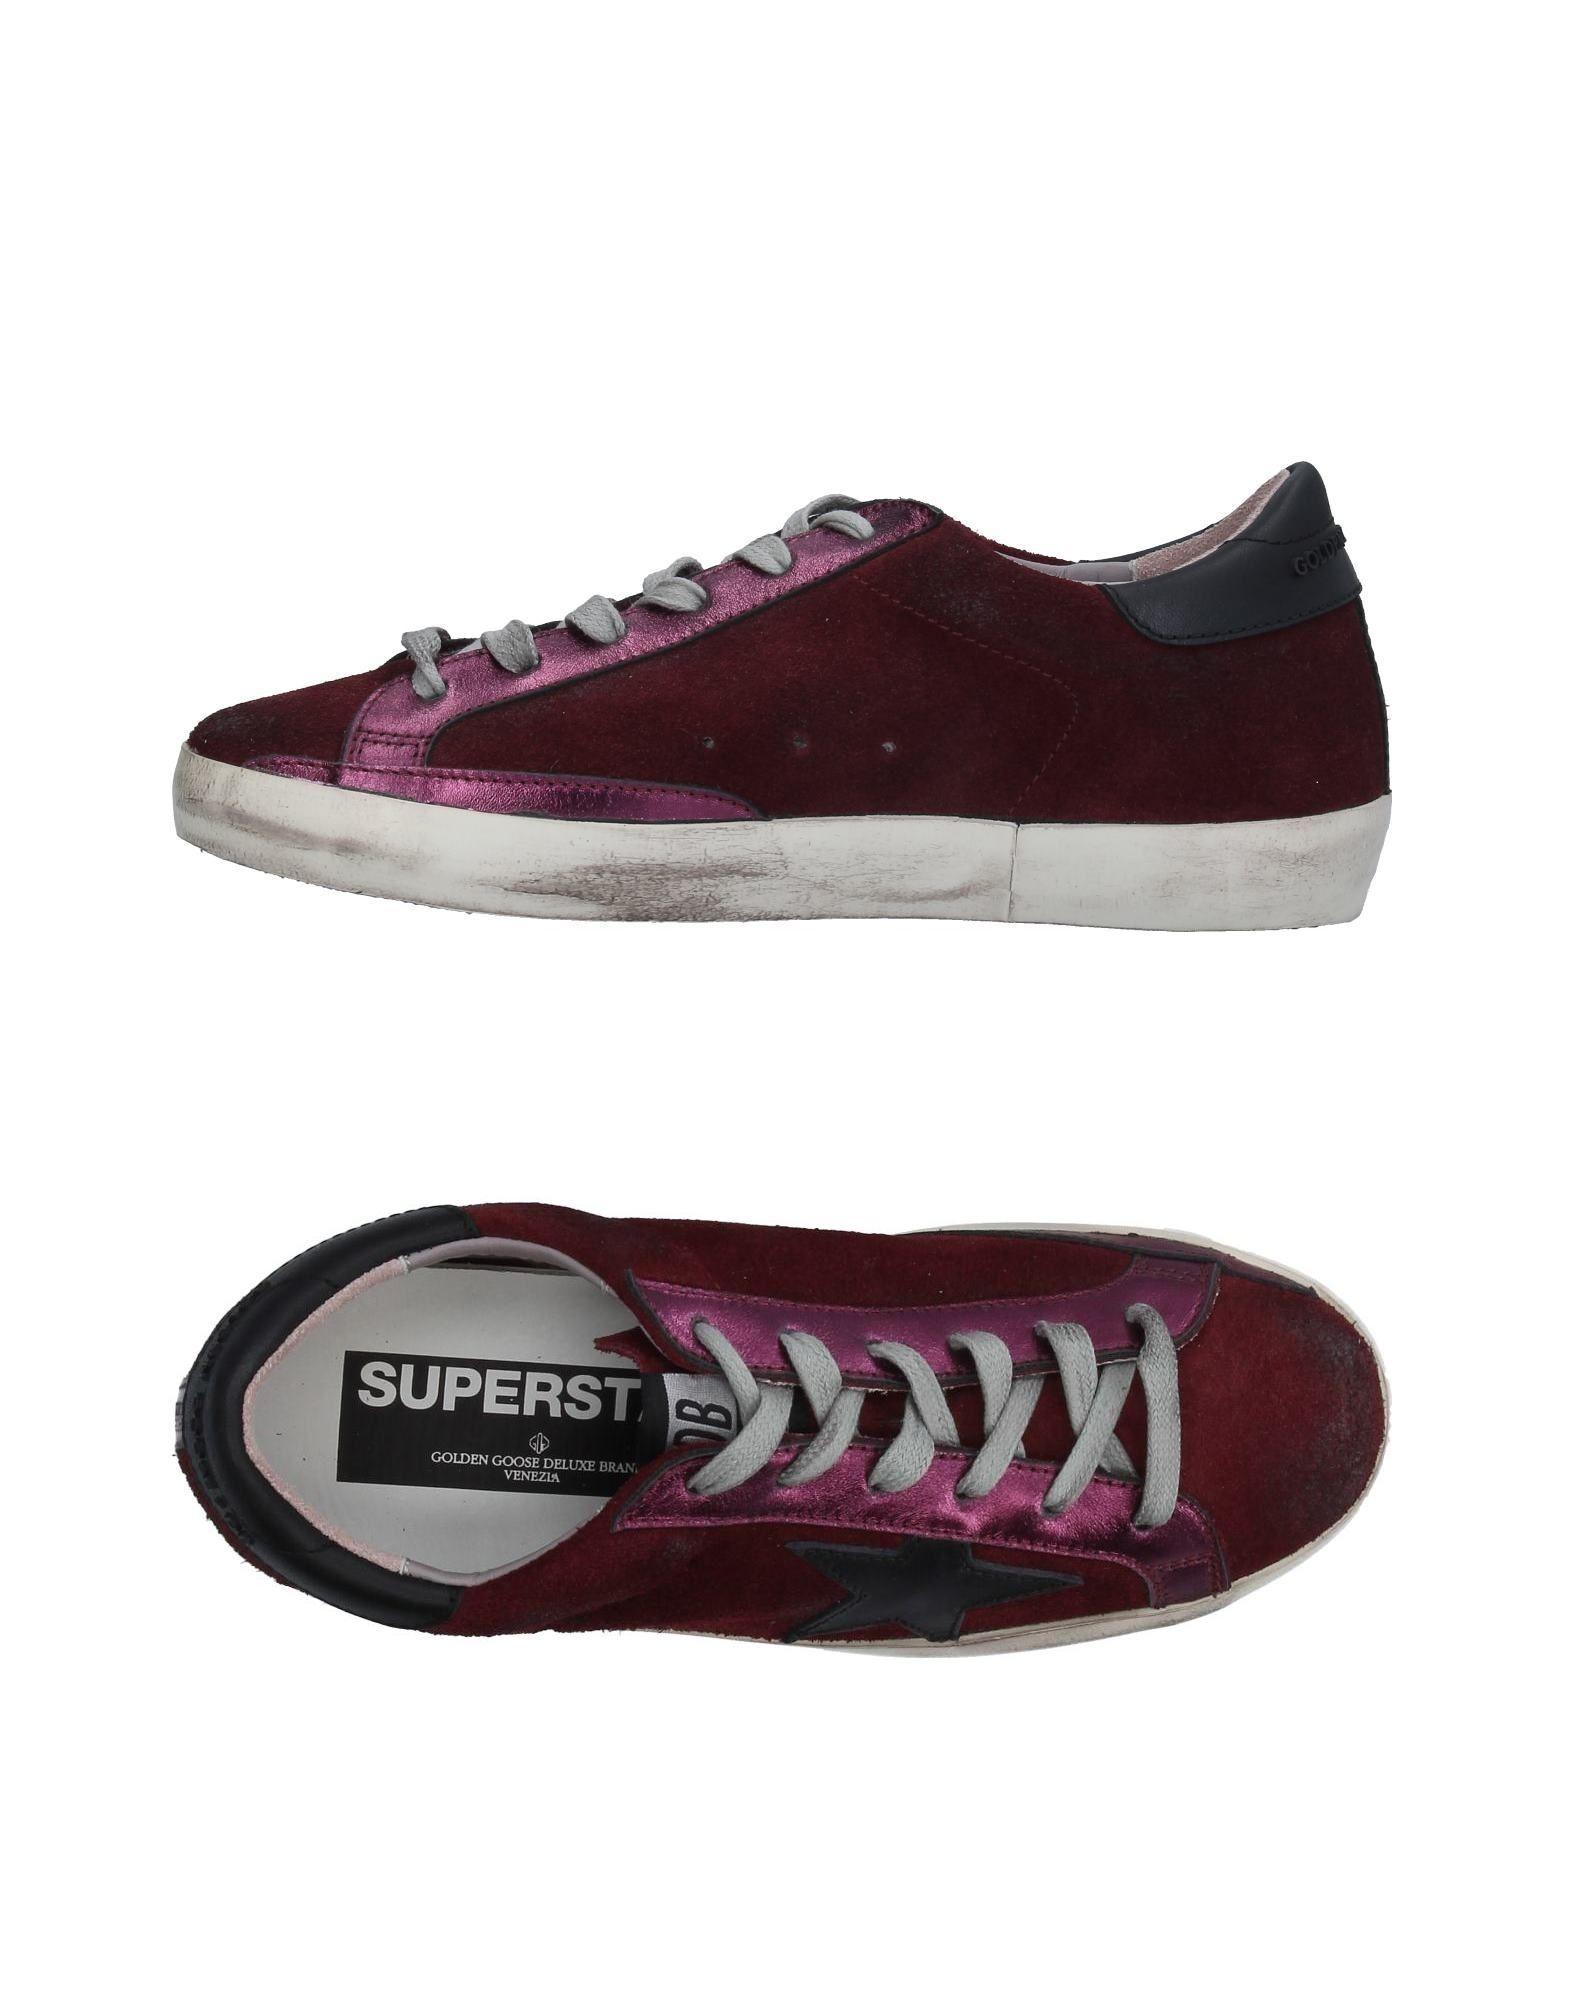 Dansko Shoes Honor